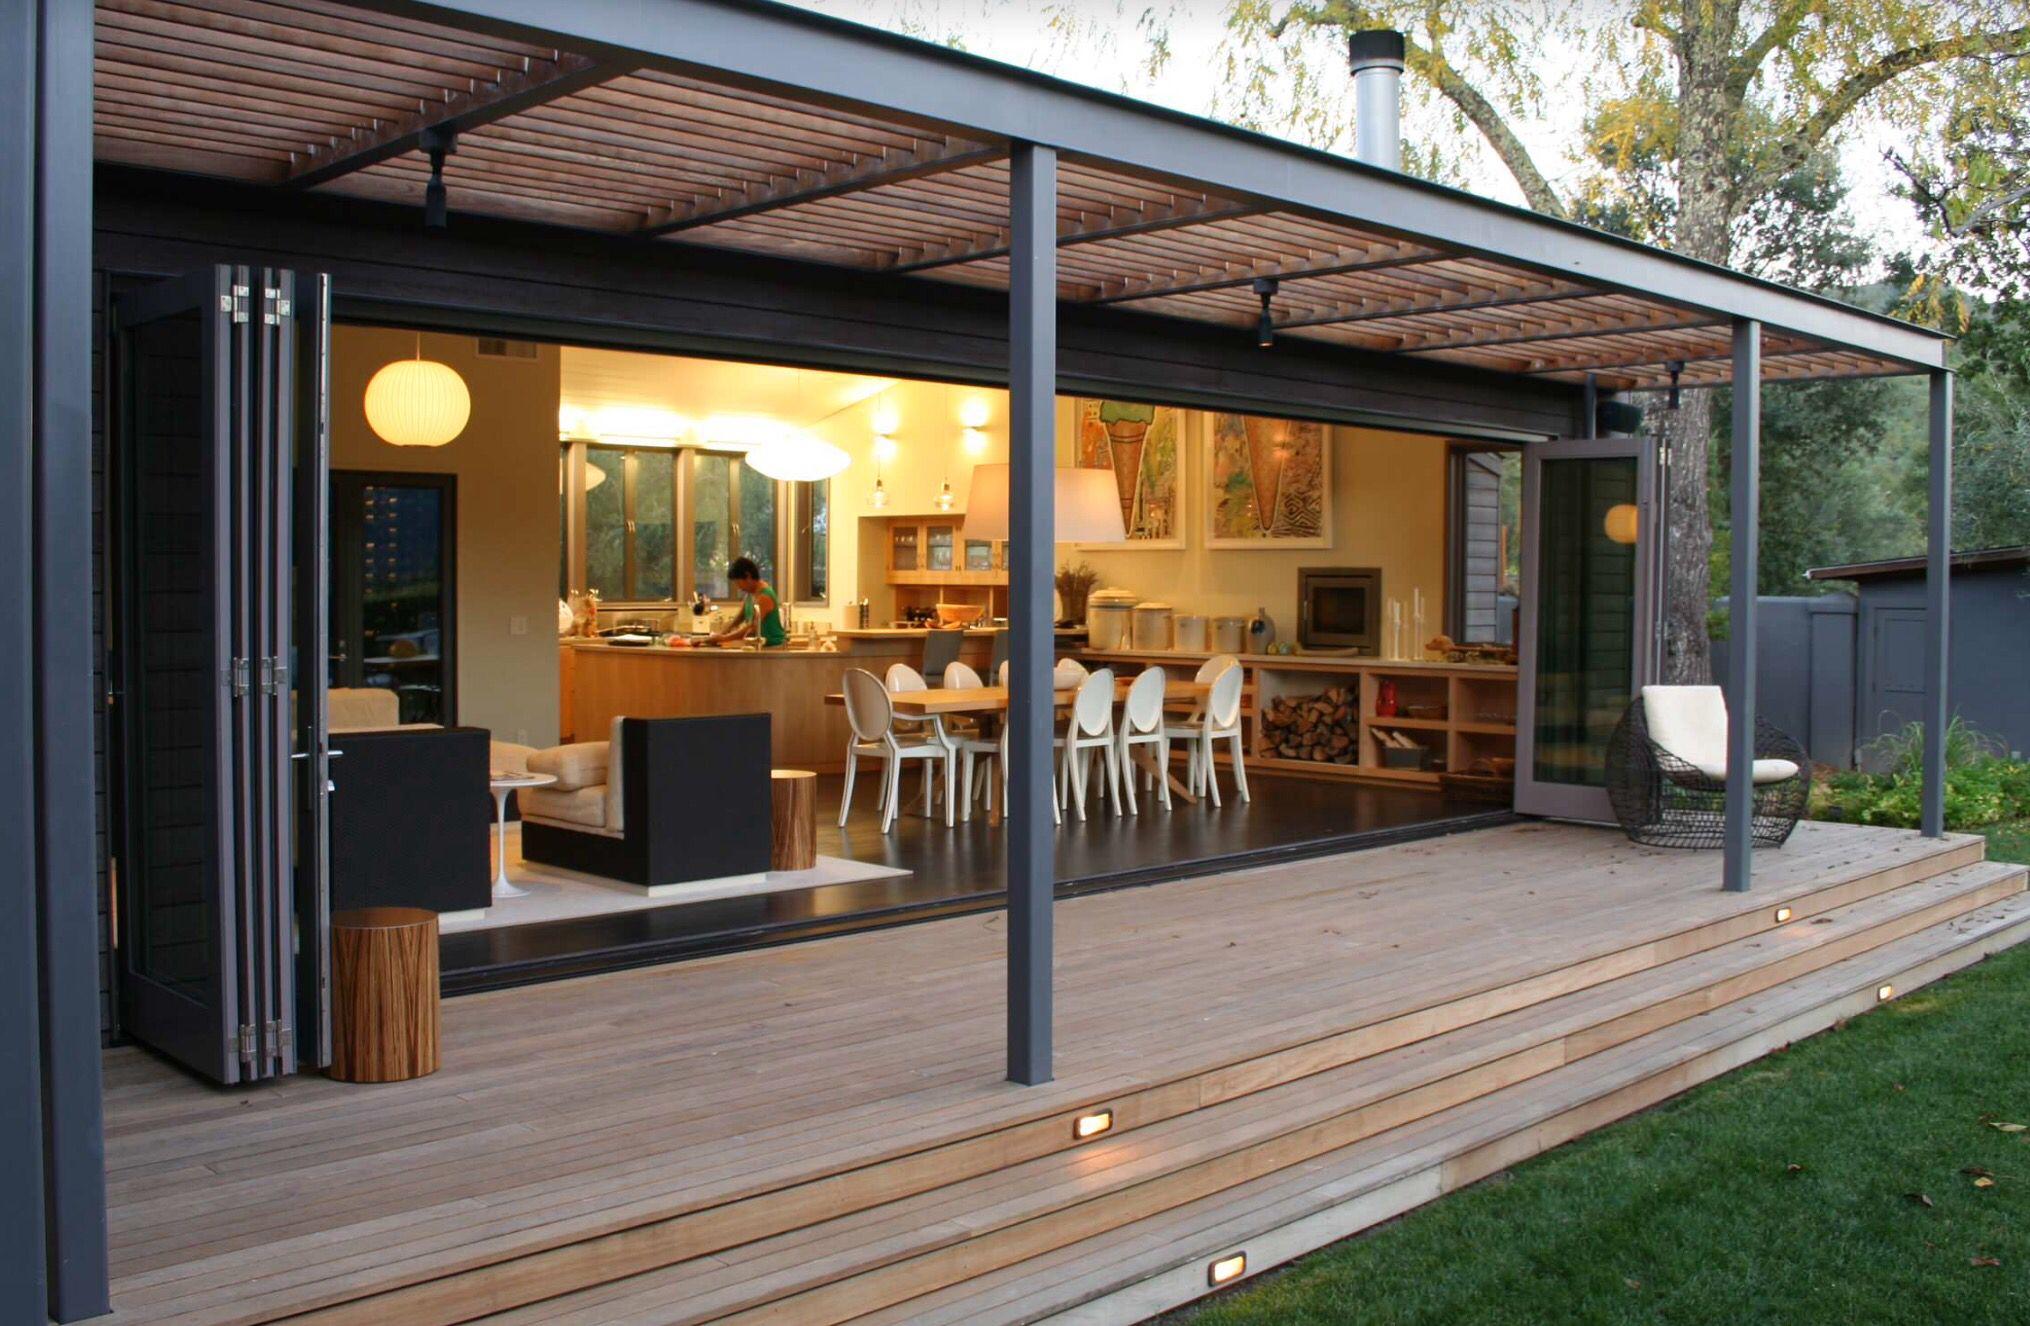 Prachtig met die vouwdeuren binnen buiten dream home modern